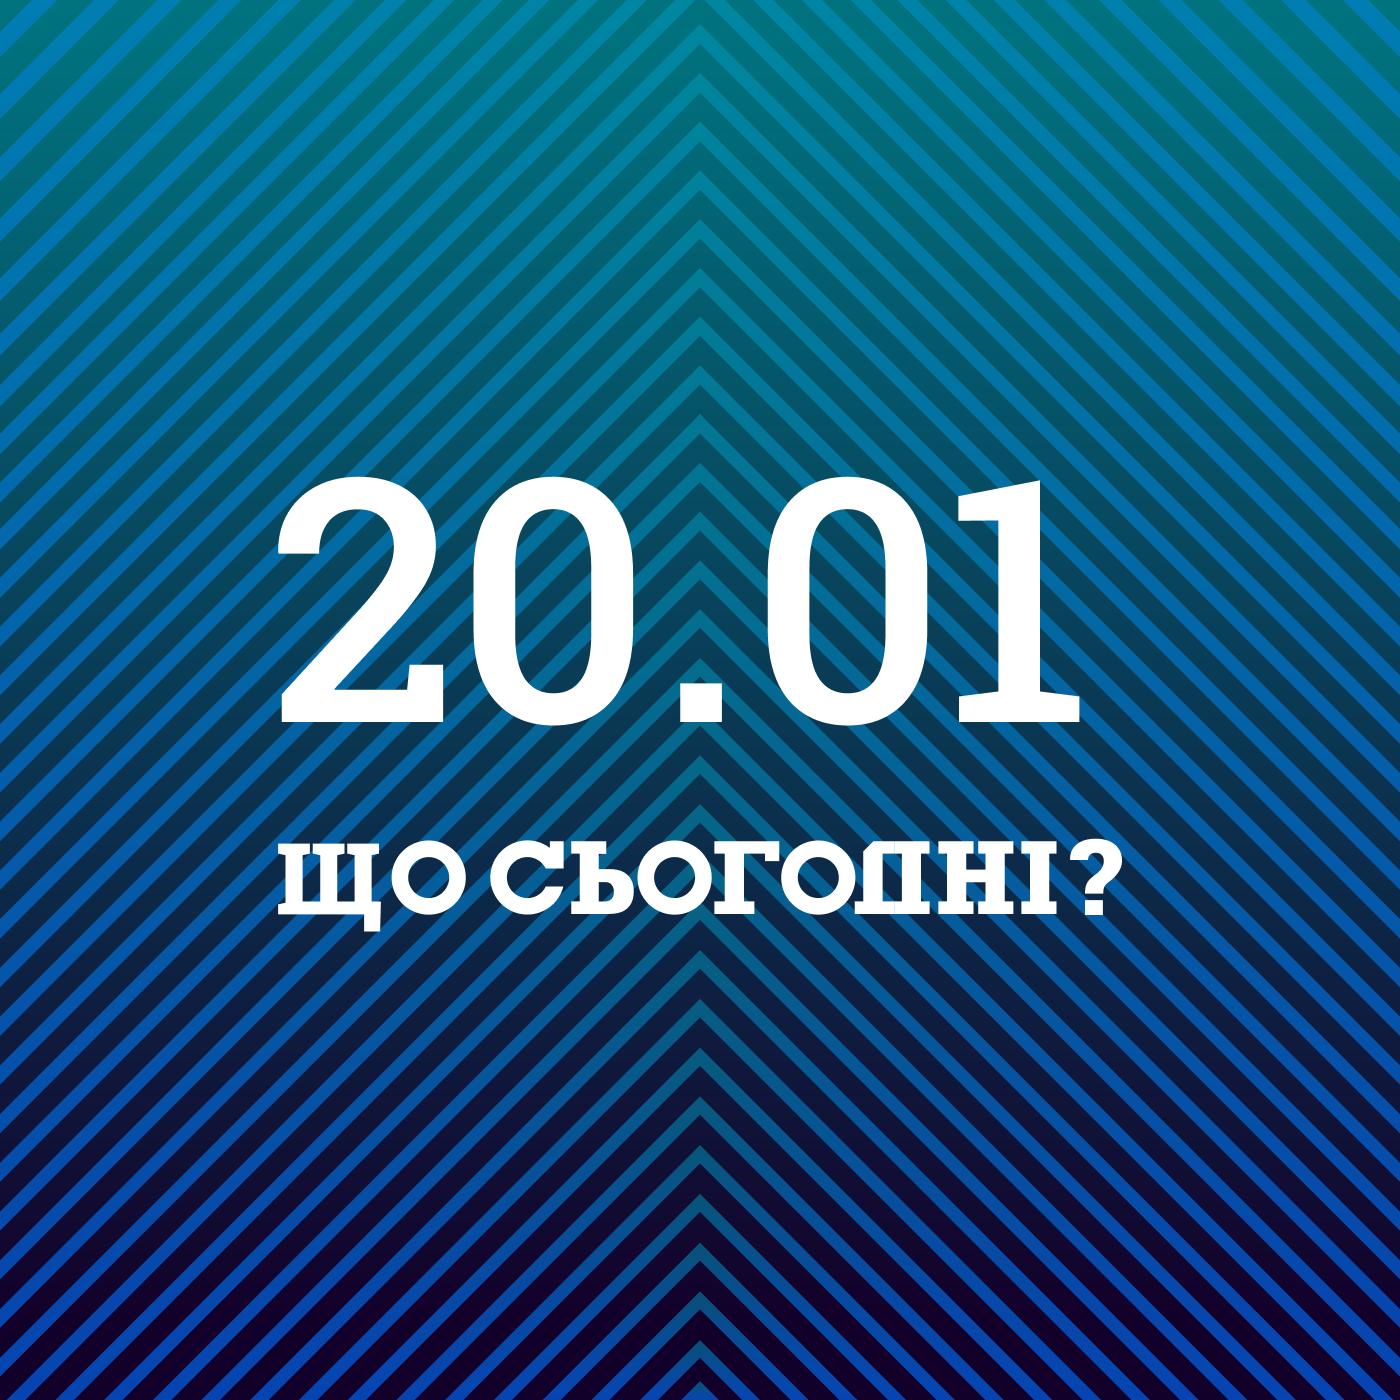 Что Сегодня: Резкое потепление, новый штамм коронавируса, заявления Байдена об Украине